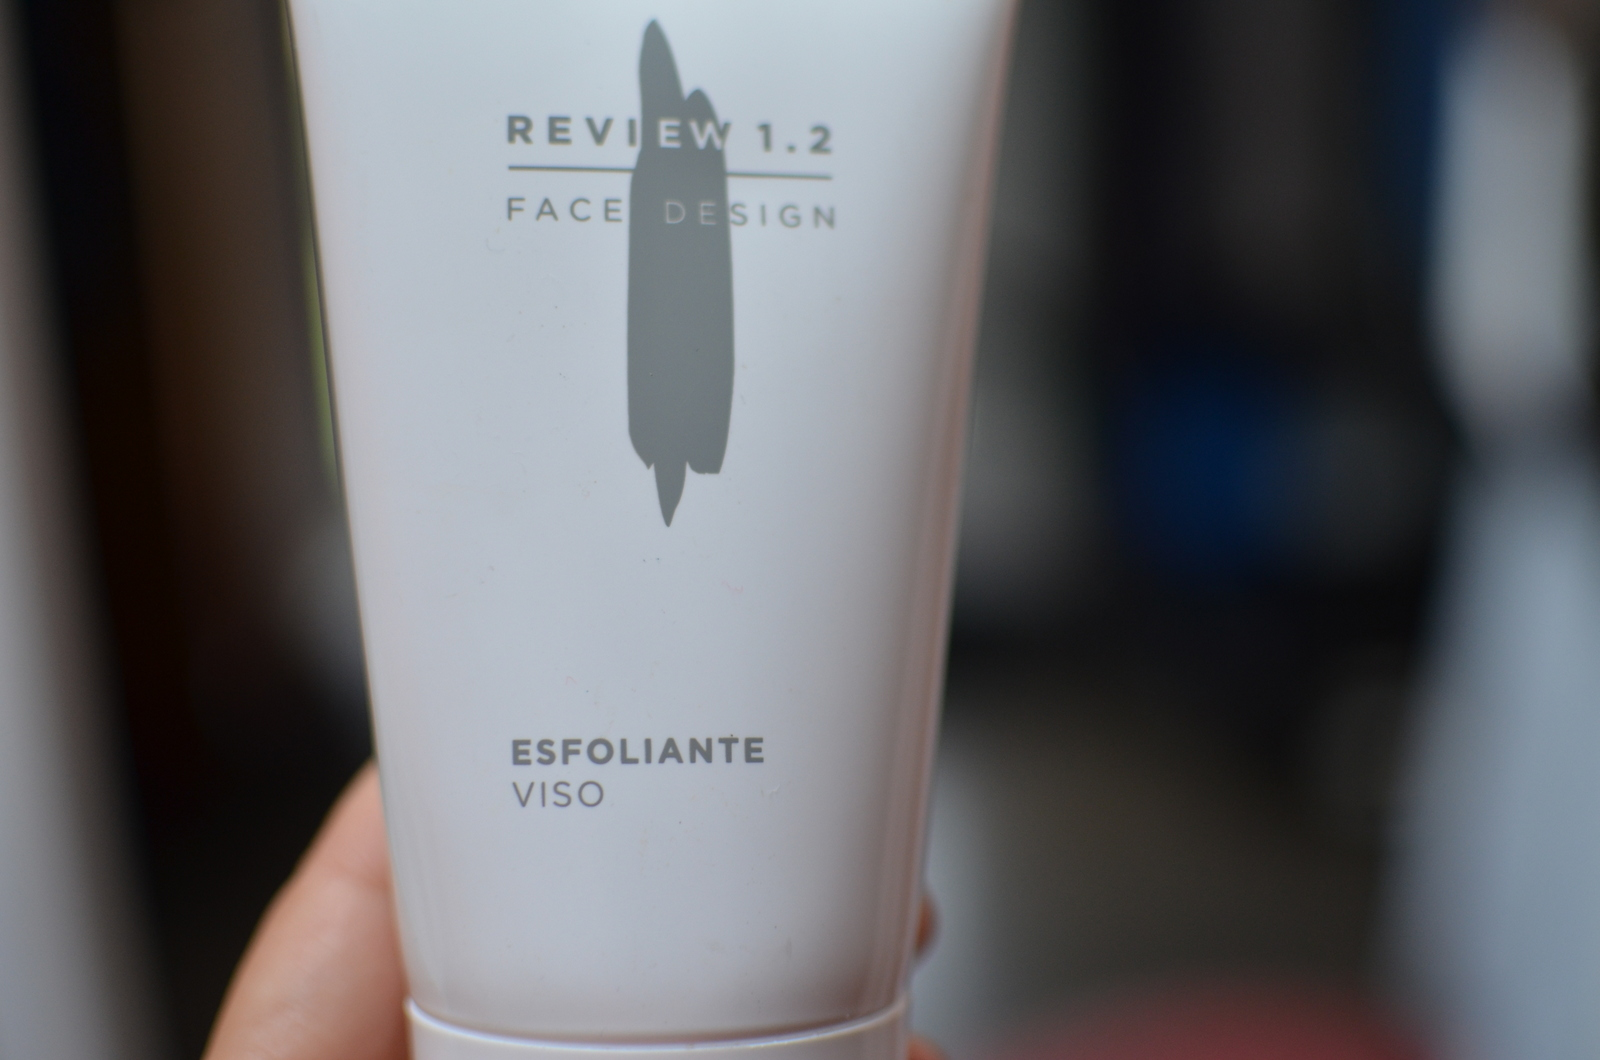 esfoliante viso (7)